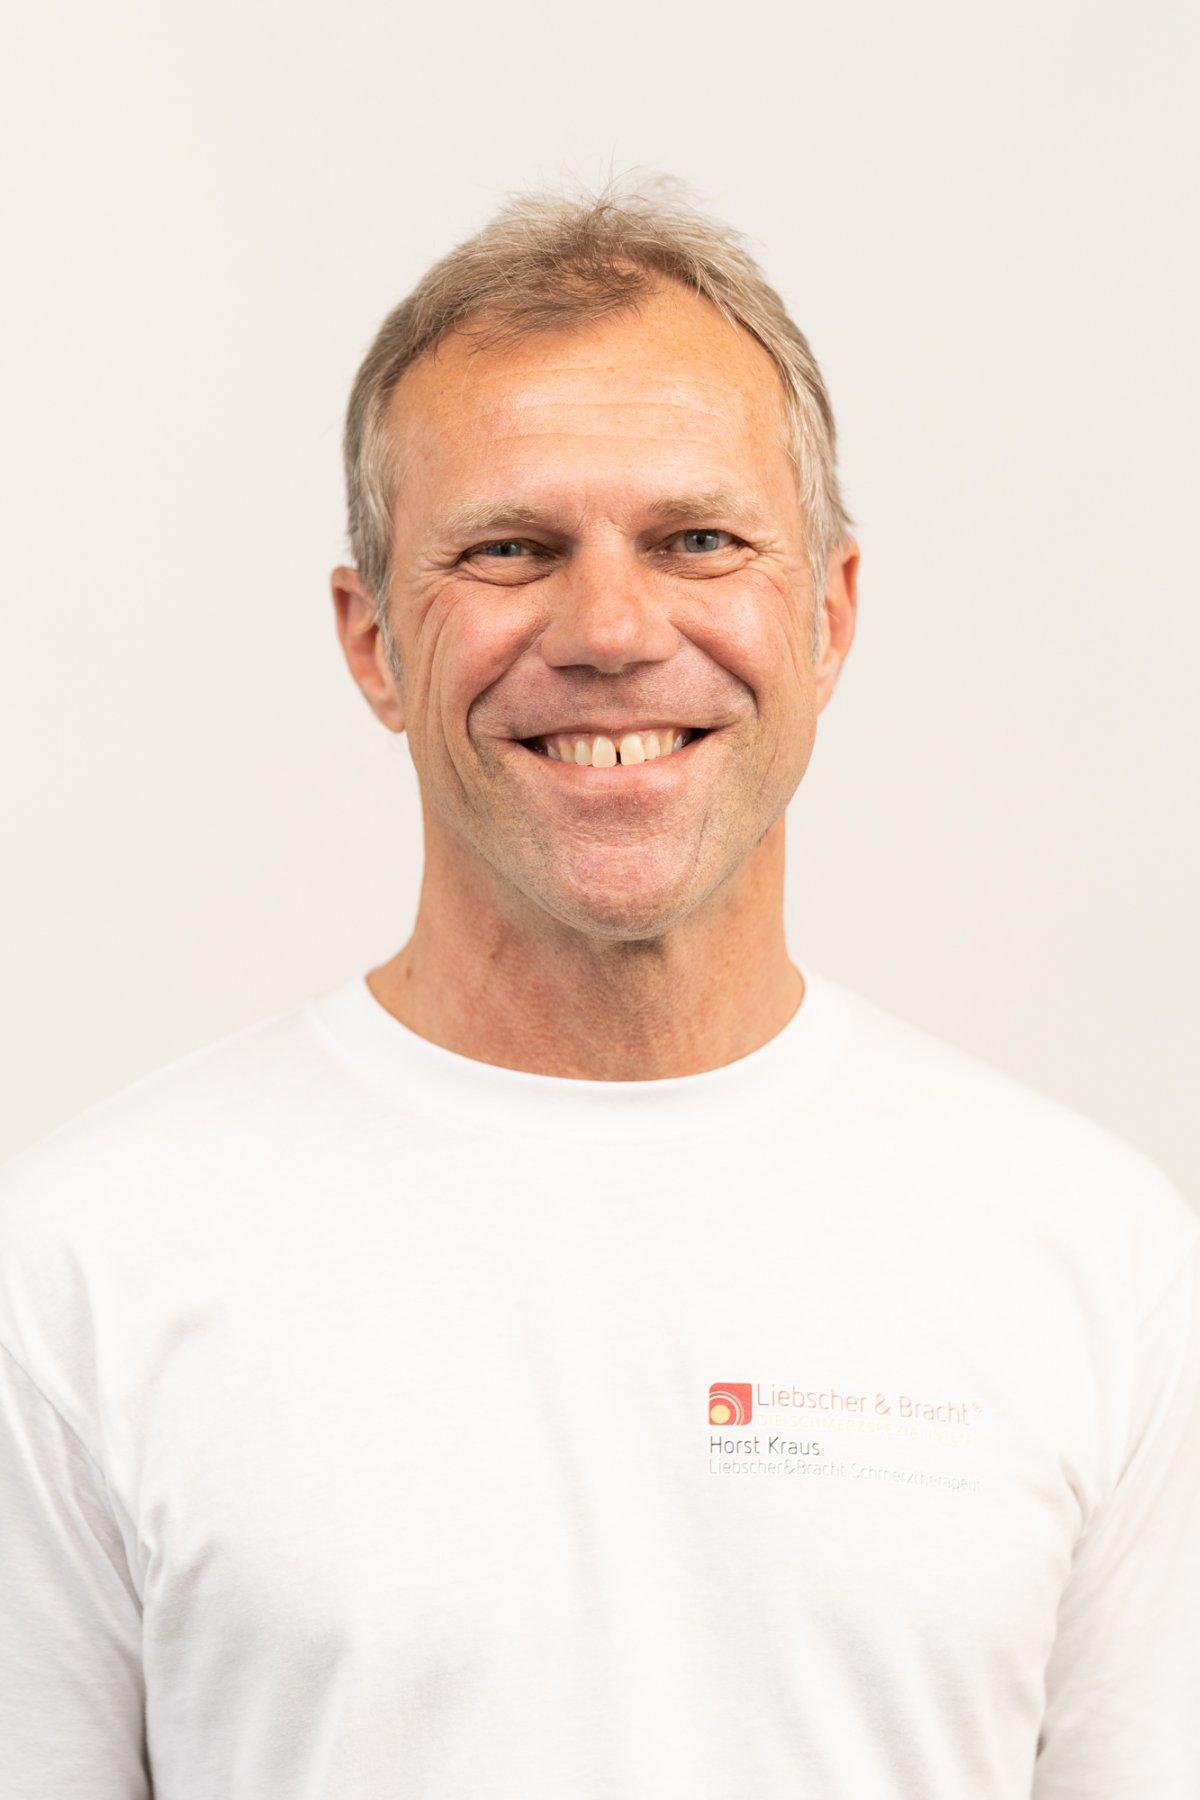 Horst Kraus, Heilpraktiker und Schmerztherapeut aus Forchheim, steht vor einem weißen Hintergrund. Er hat kurze graue Haare und trägt ein Liebscher & Bracht T-Shirt.